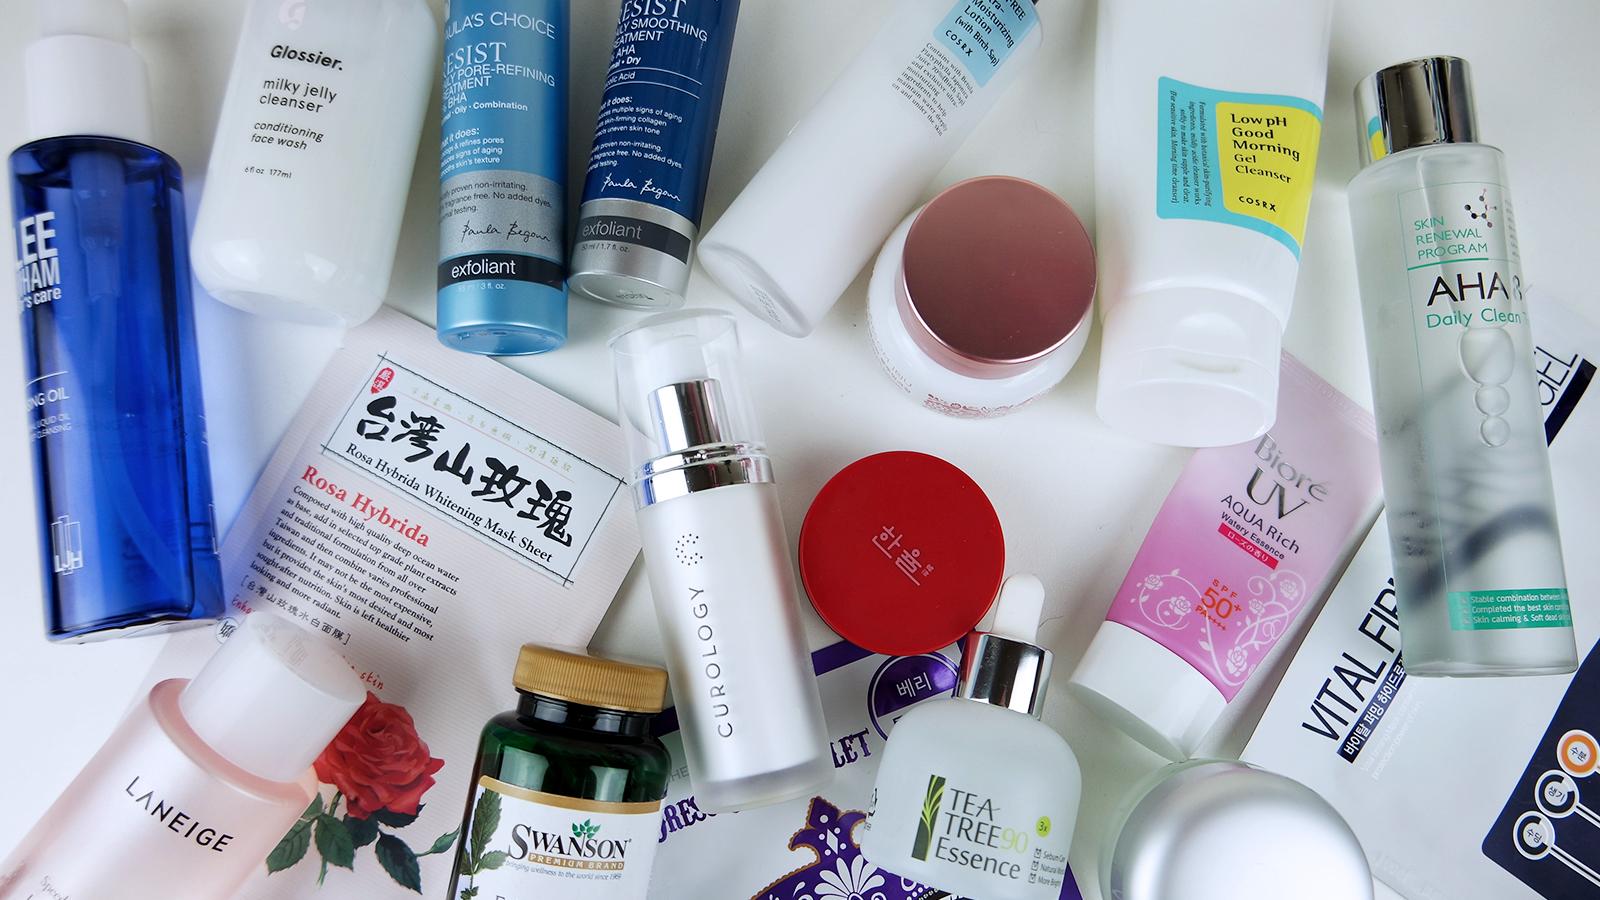 Online Kbeauty Shop Recommendations